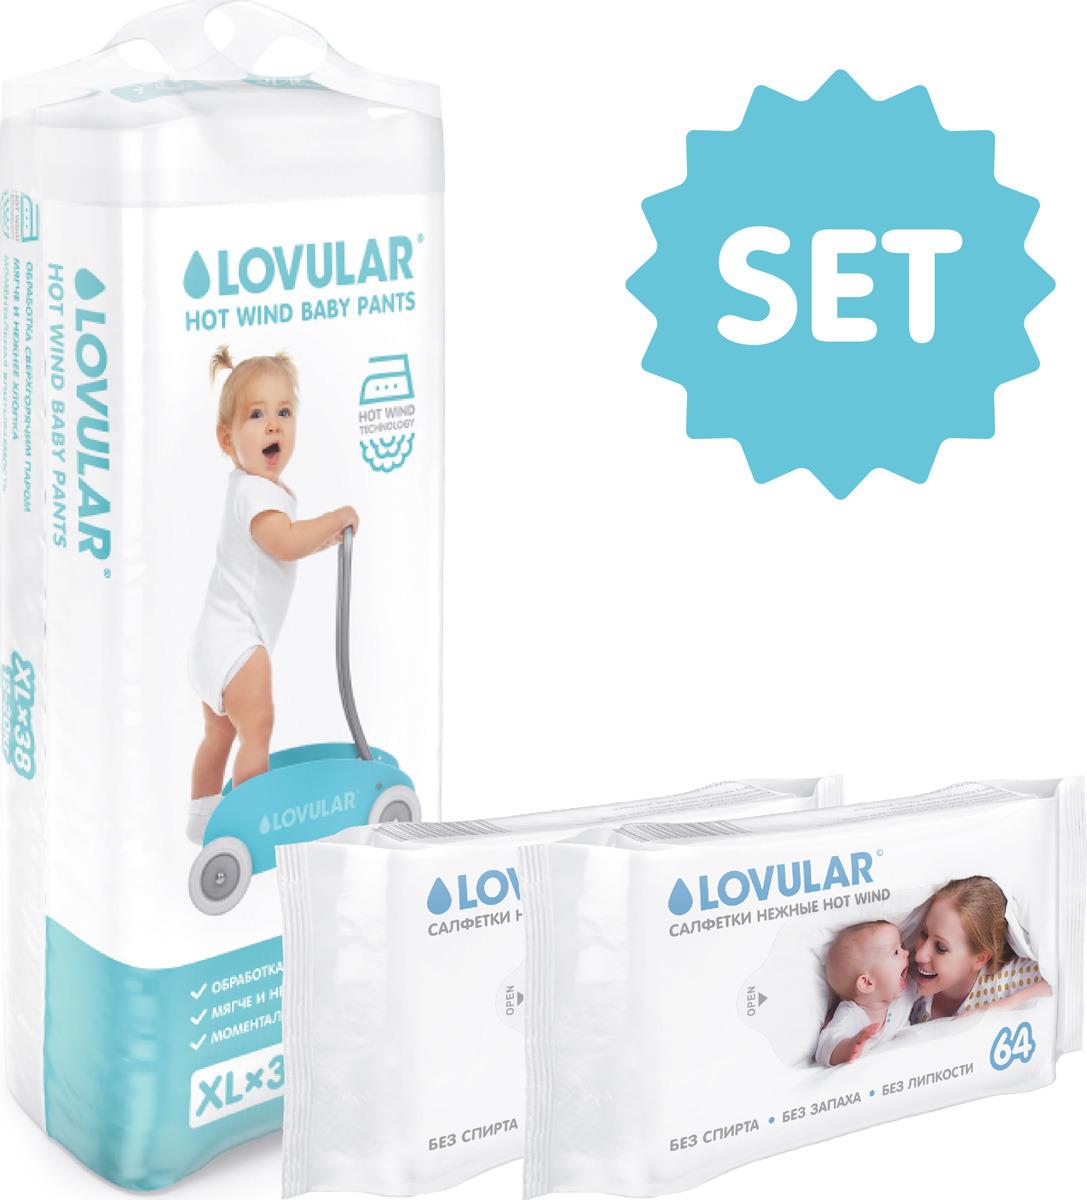 Фото - Трусики -подгузники Lovular Hot Wind XL, 12-20 кг, 38 шт + Влажные салфетки Lovular, 2 упаковки по 64 шт подгузники 18 шт lovular hot wind m 5 10 кг